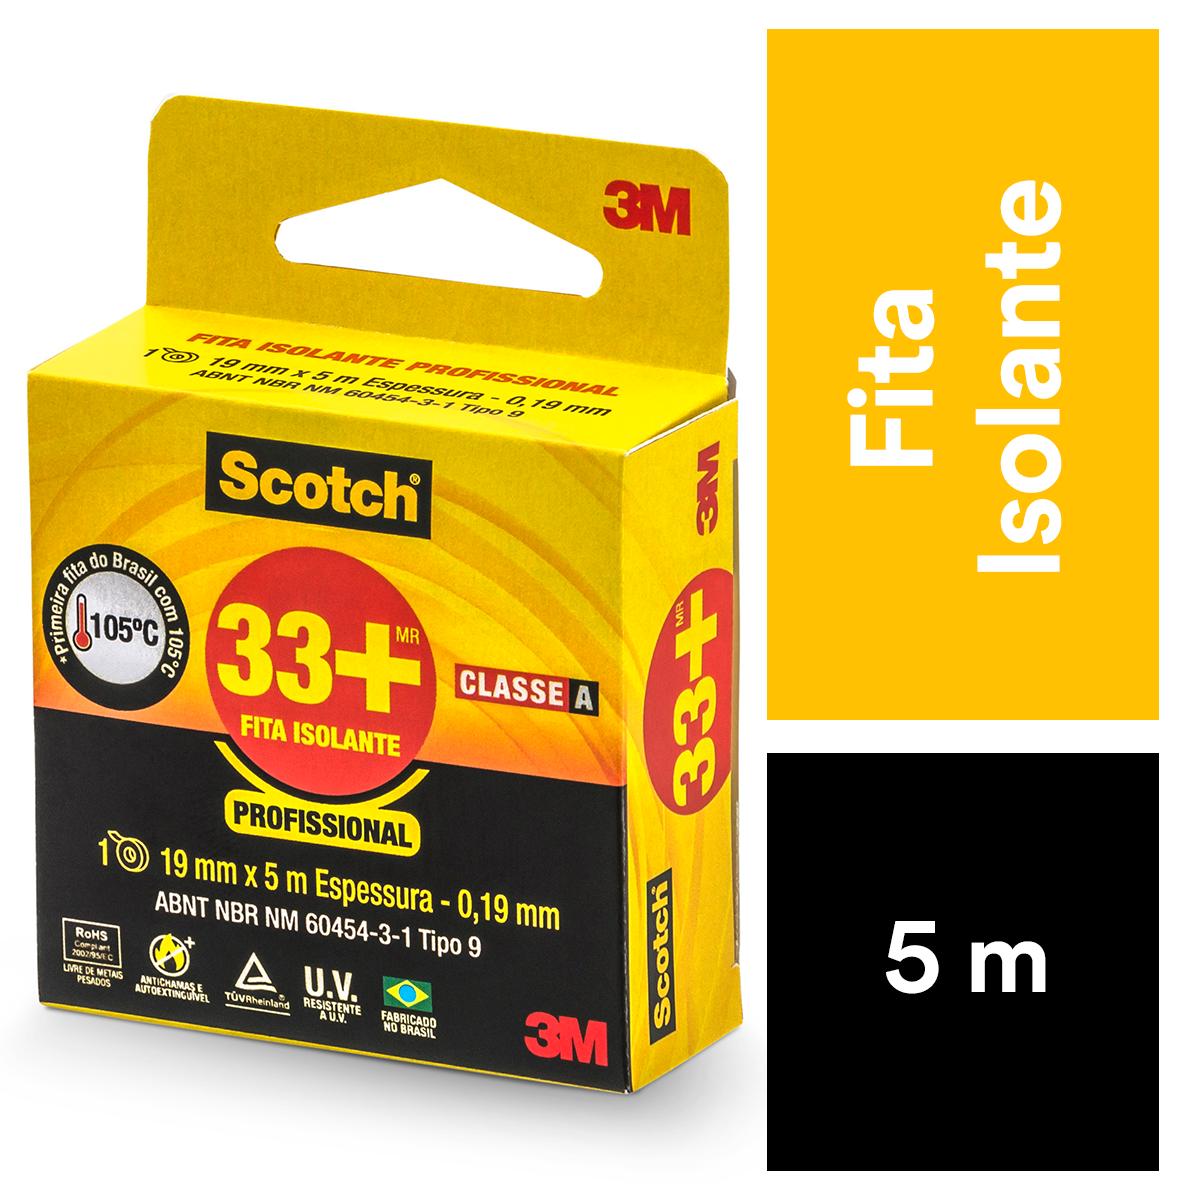 Fita Isolante Scotch 33 19 mm x 5 m - 3M